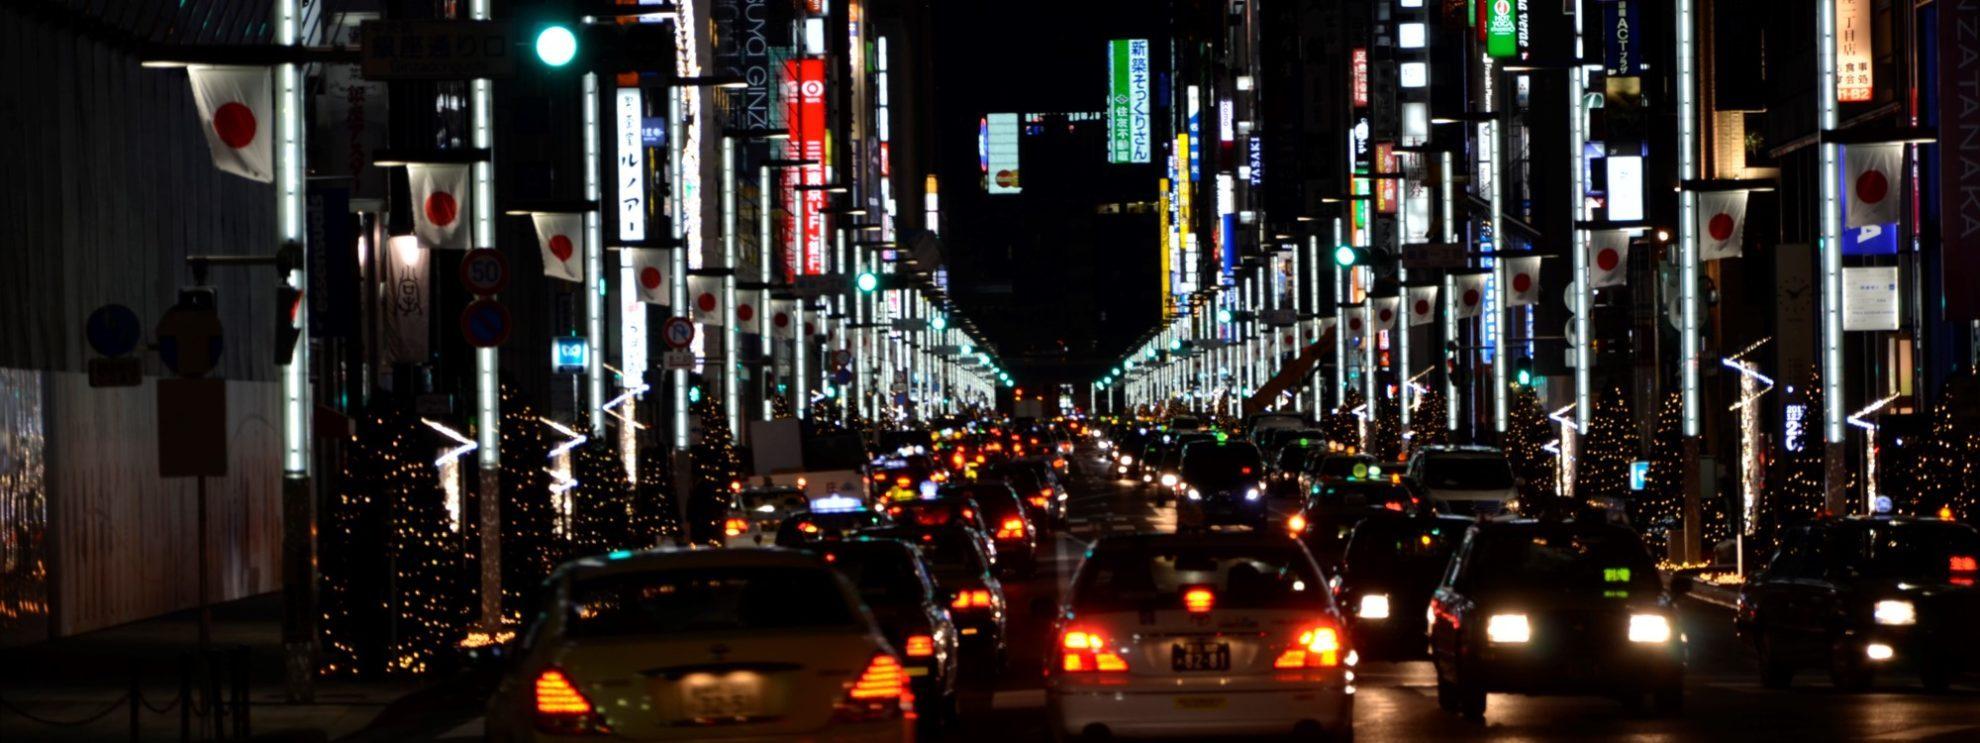 Ночная улица Гинза